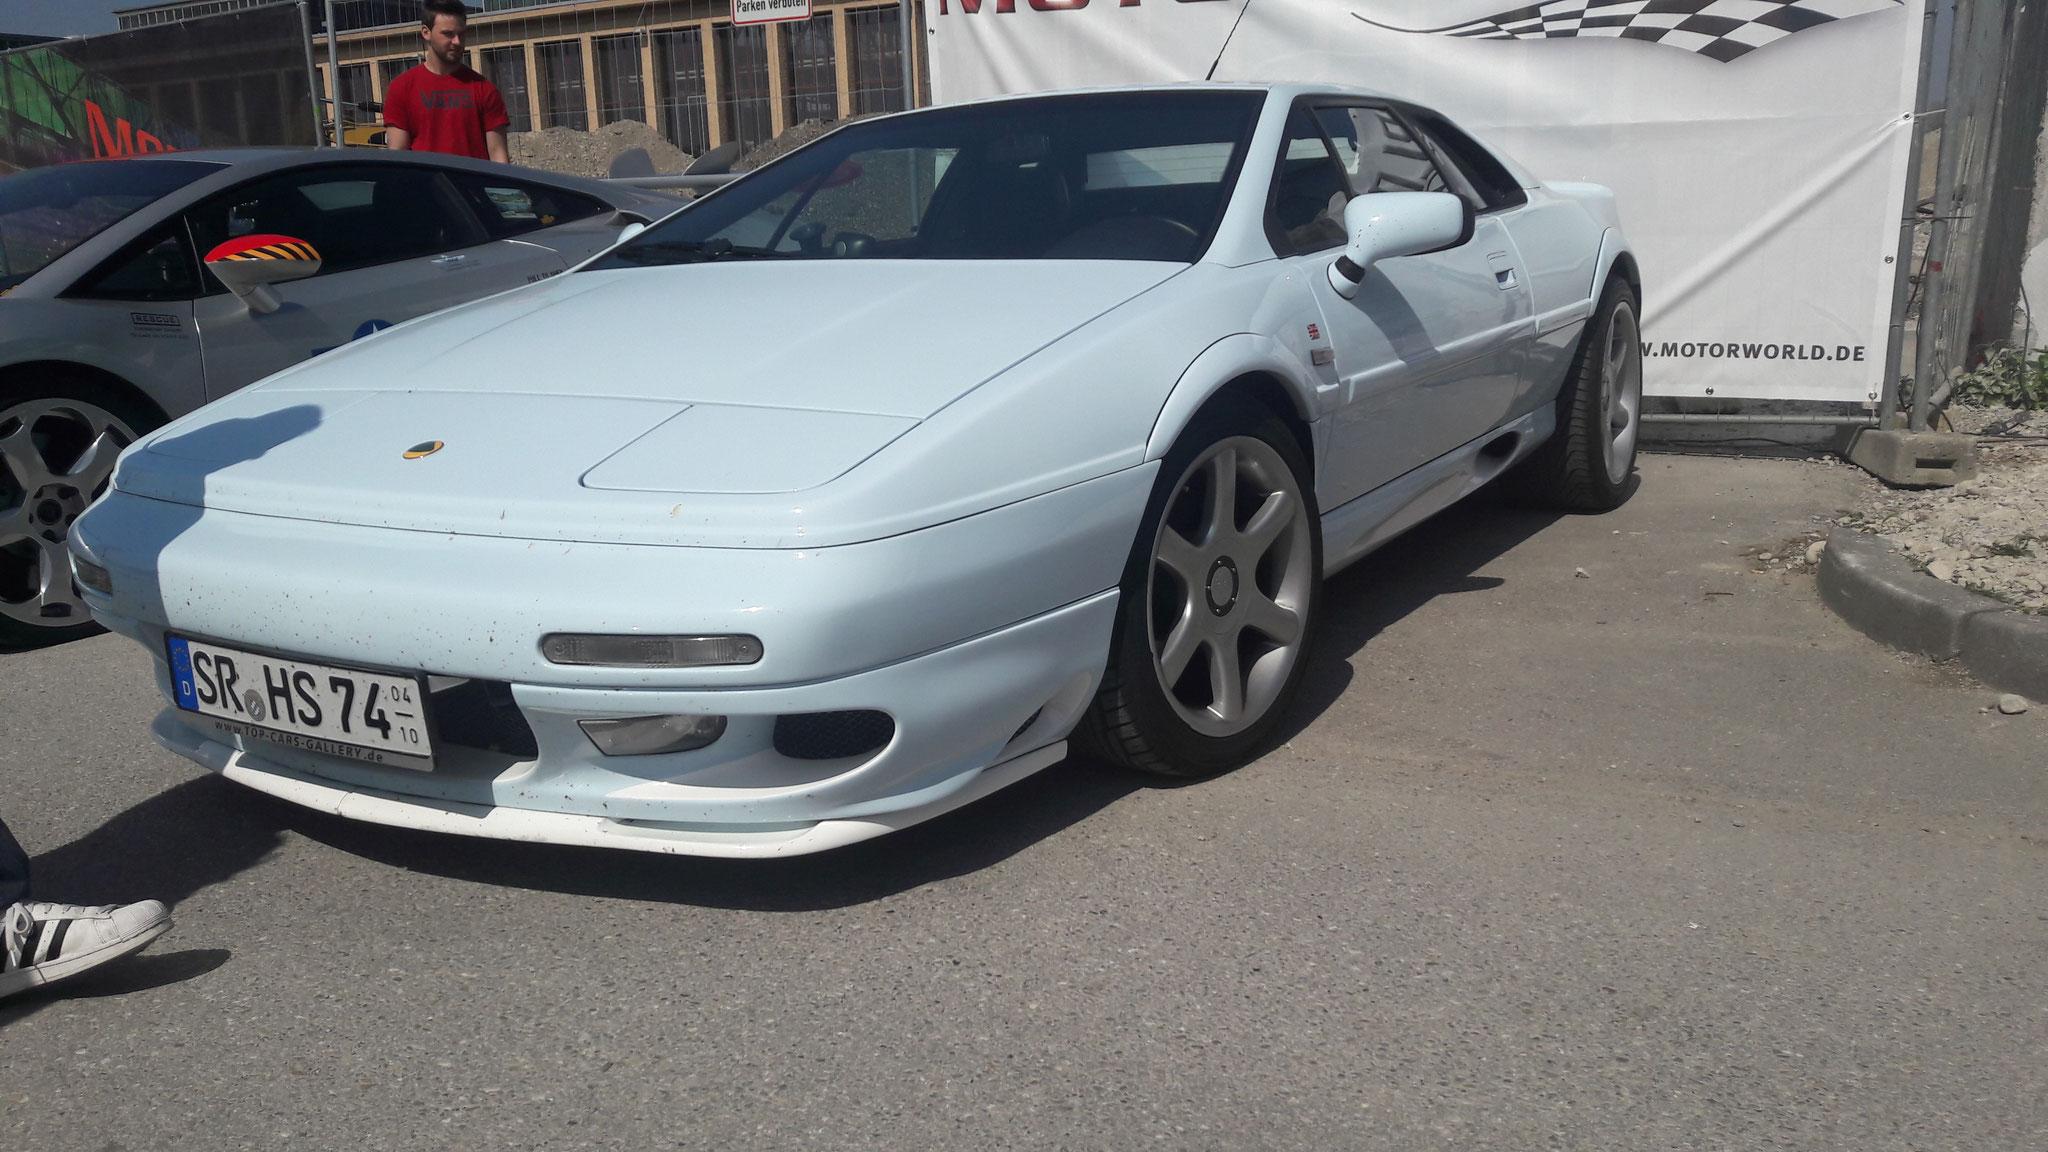 Lotus Esprit V8 - SR-HS-74